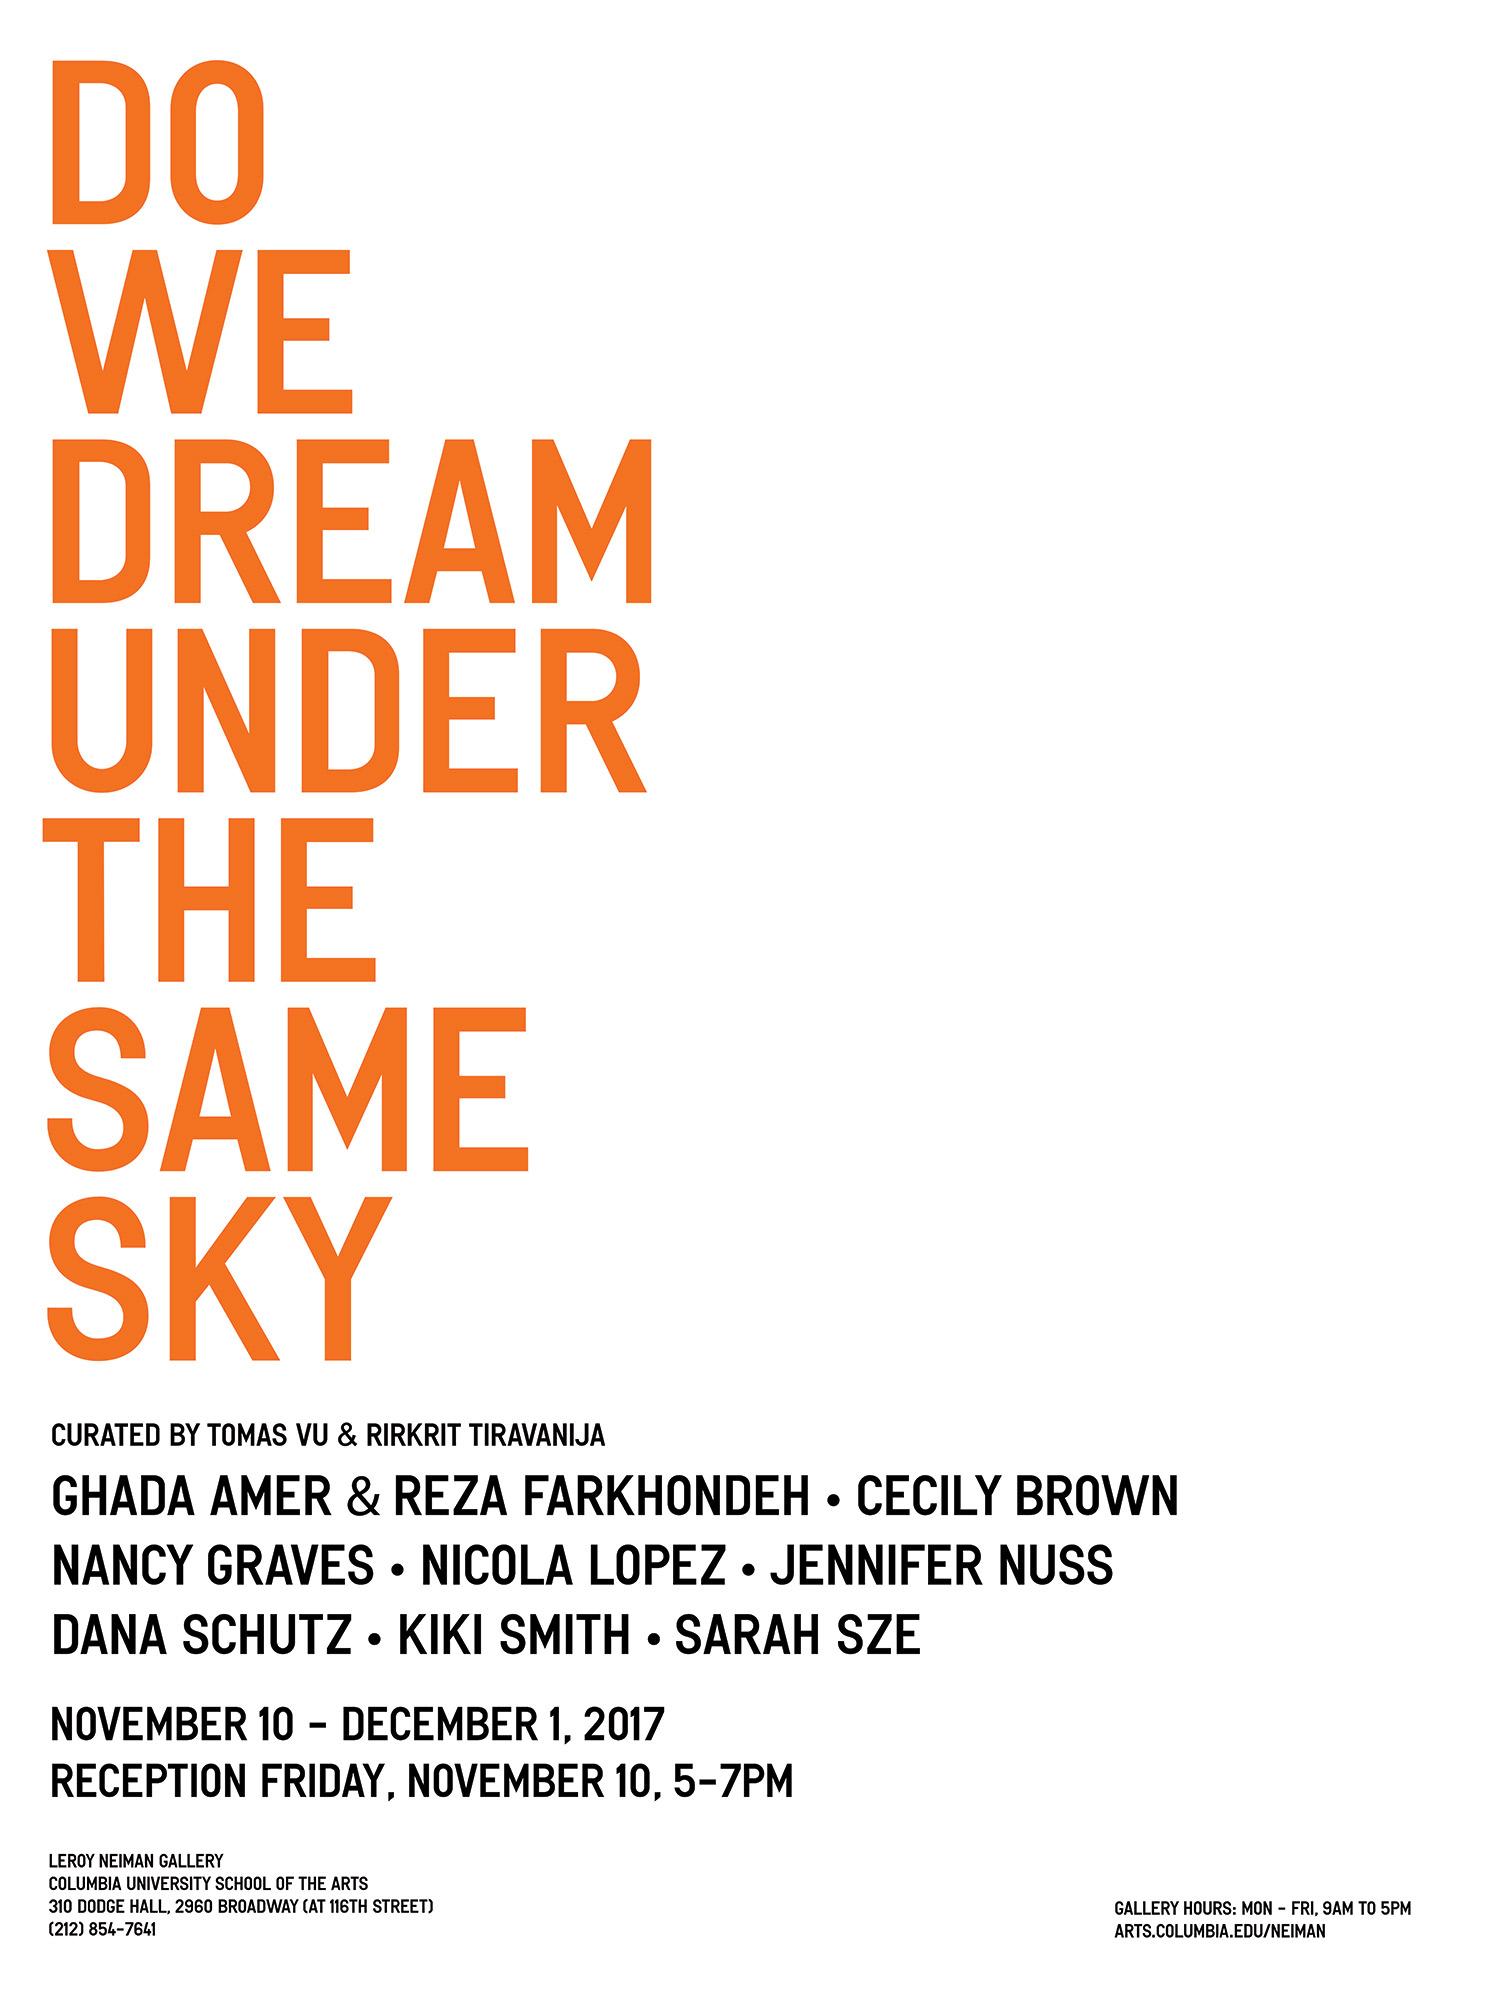 lng_do-we-dream_poster.jpg